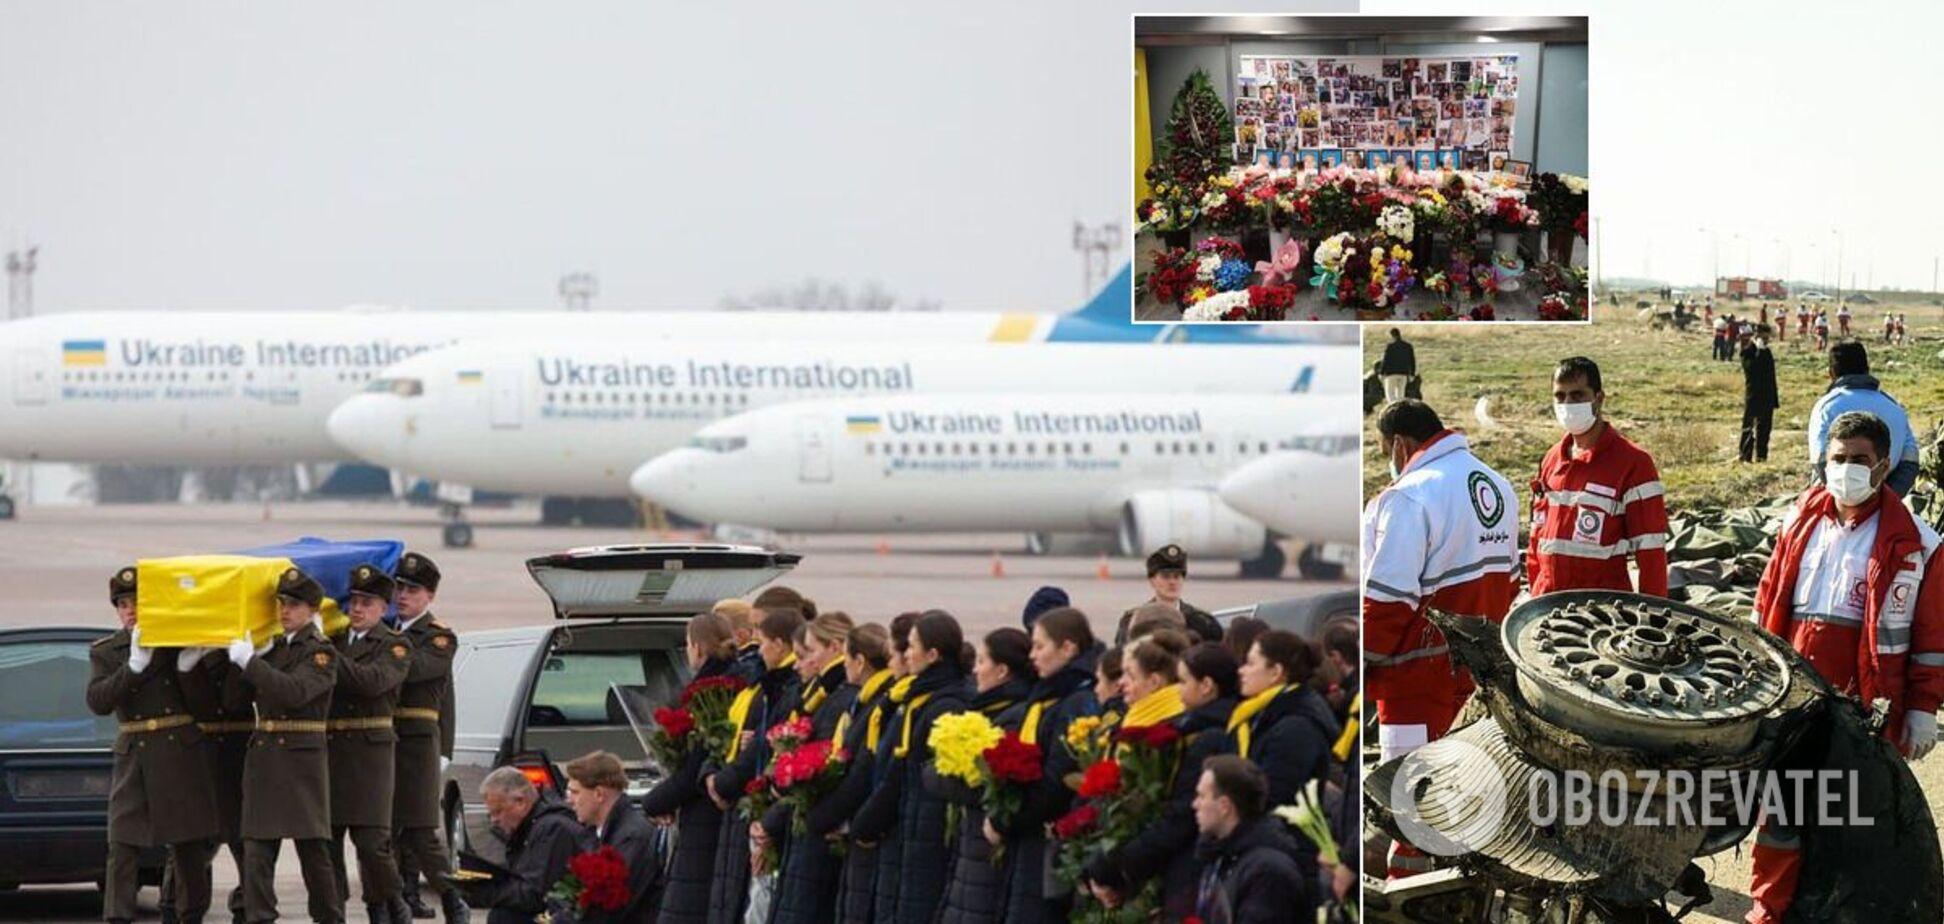 Украинский самолет авиакомпании МАУ был сбит 8 января 2020 года в небе над Тегераном